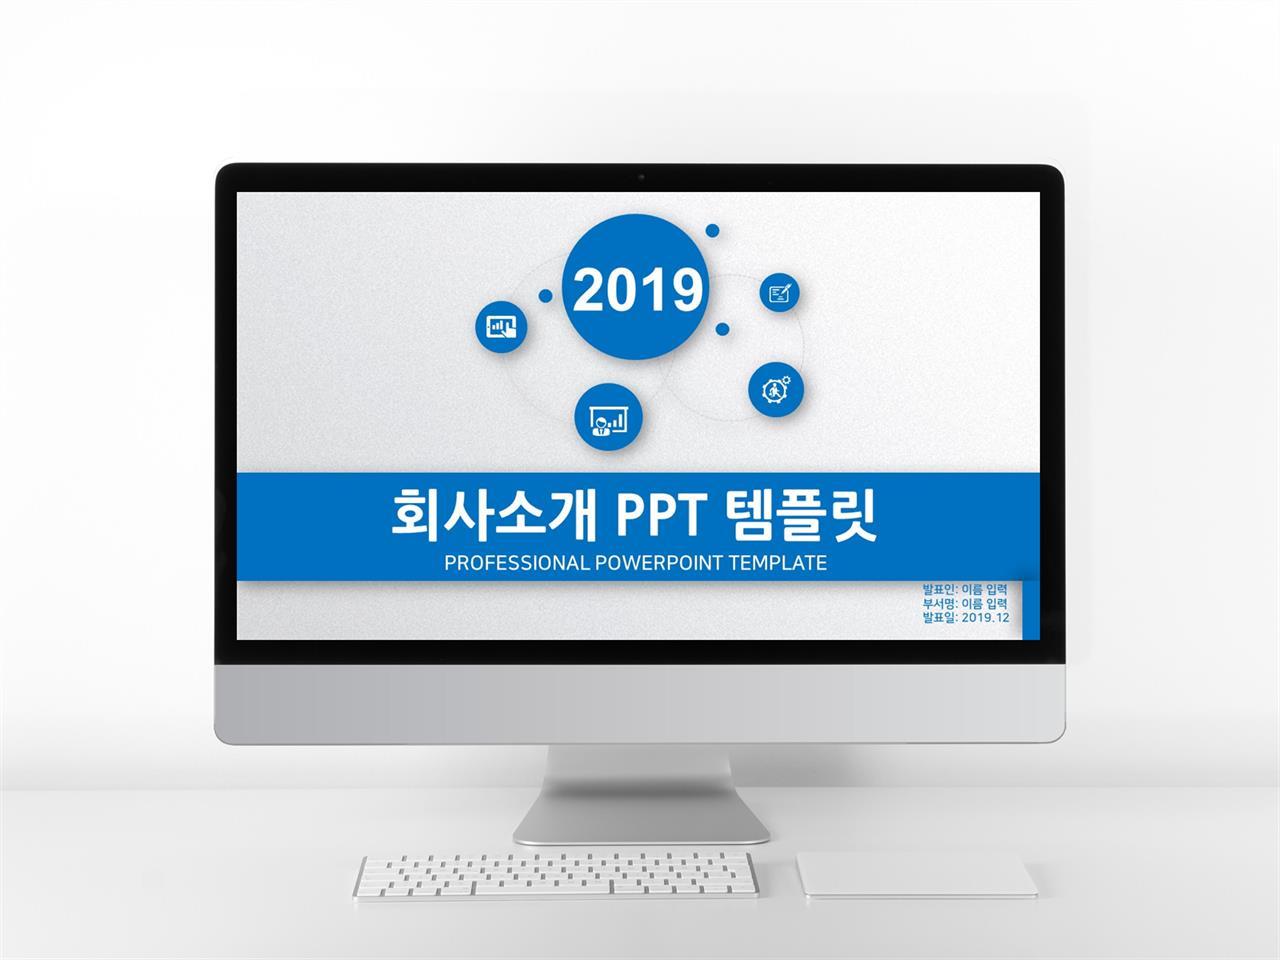 기업홍보 블루 심플한 프로급 파워포인트탬플릿 사이트 미리보기